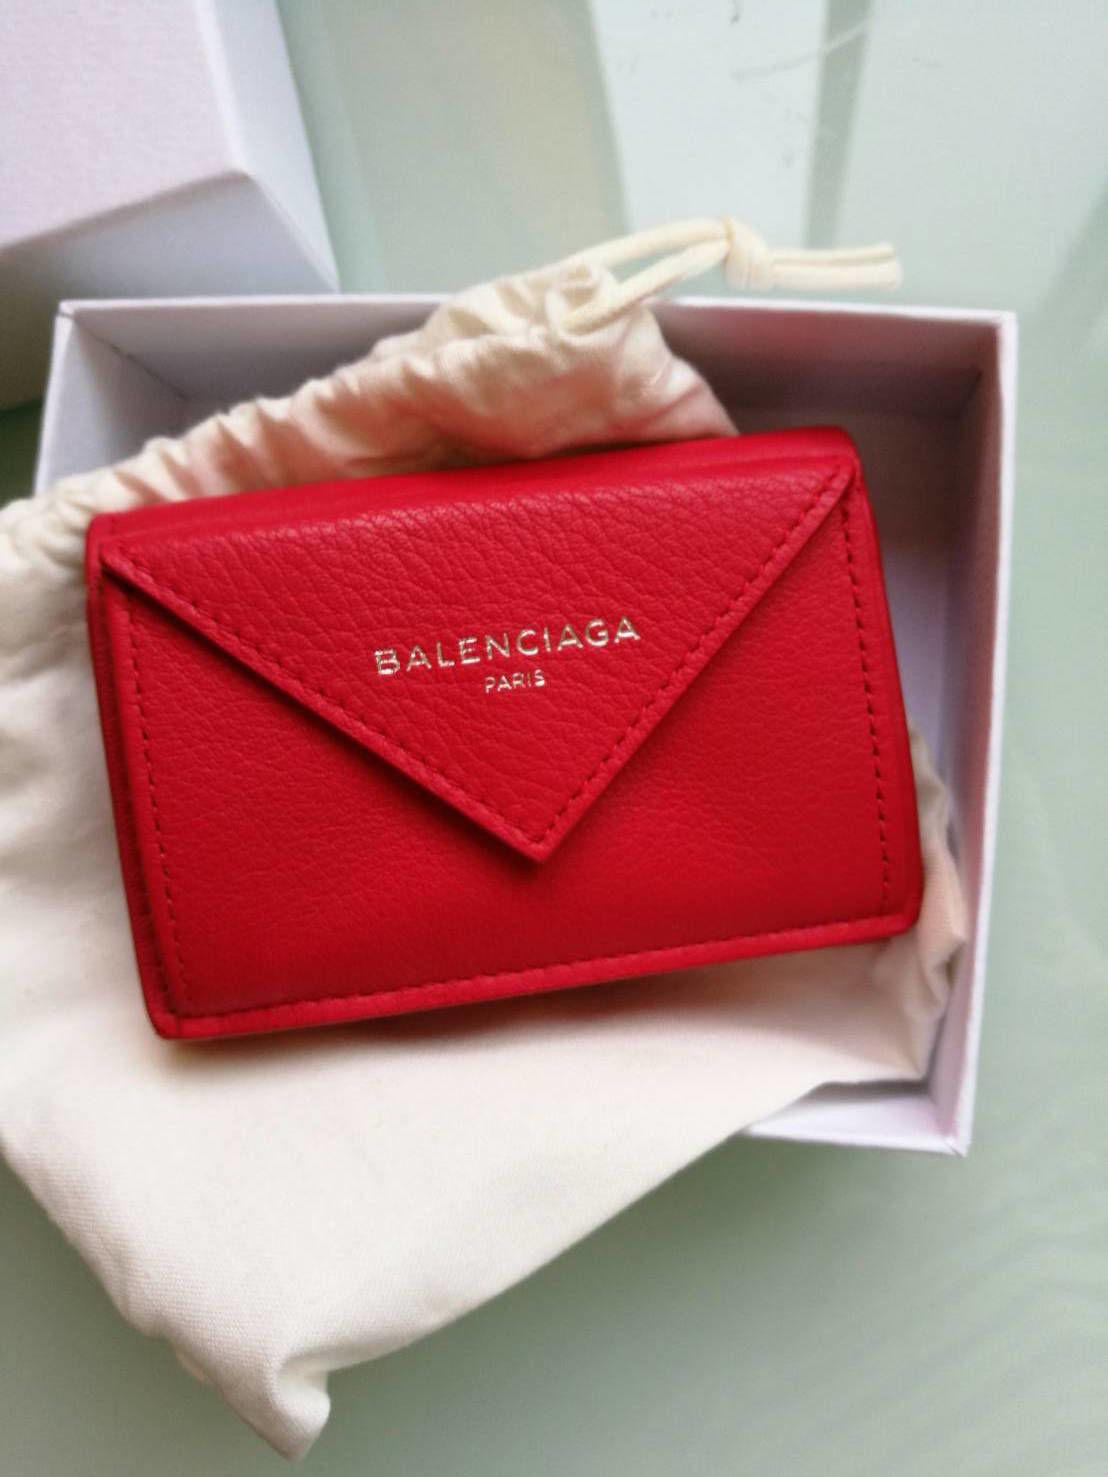 バレンシアガミニ財布